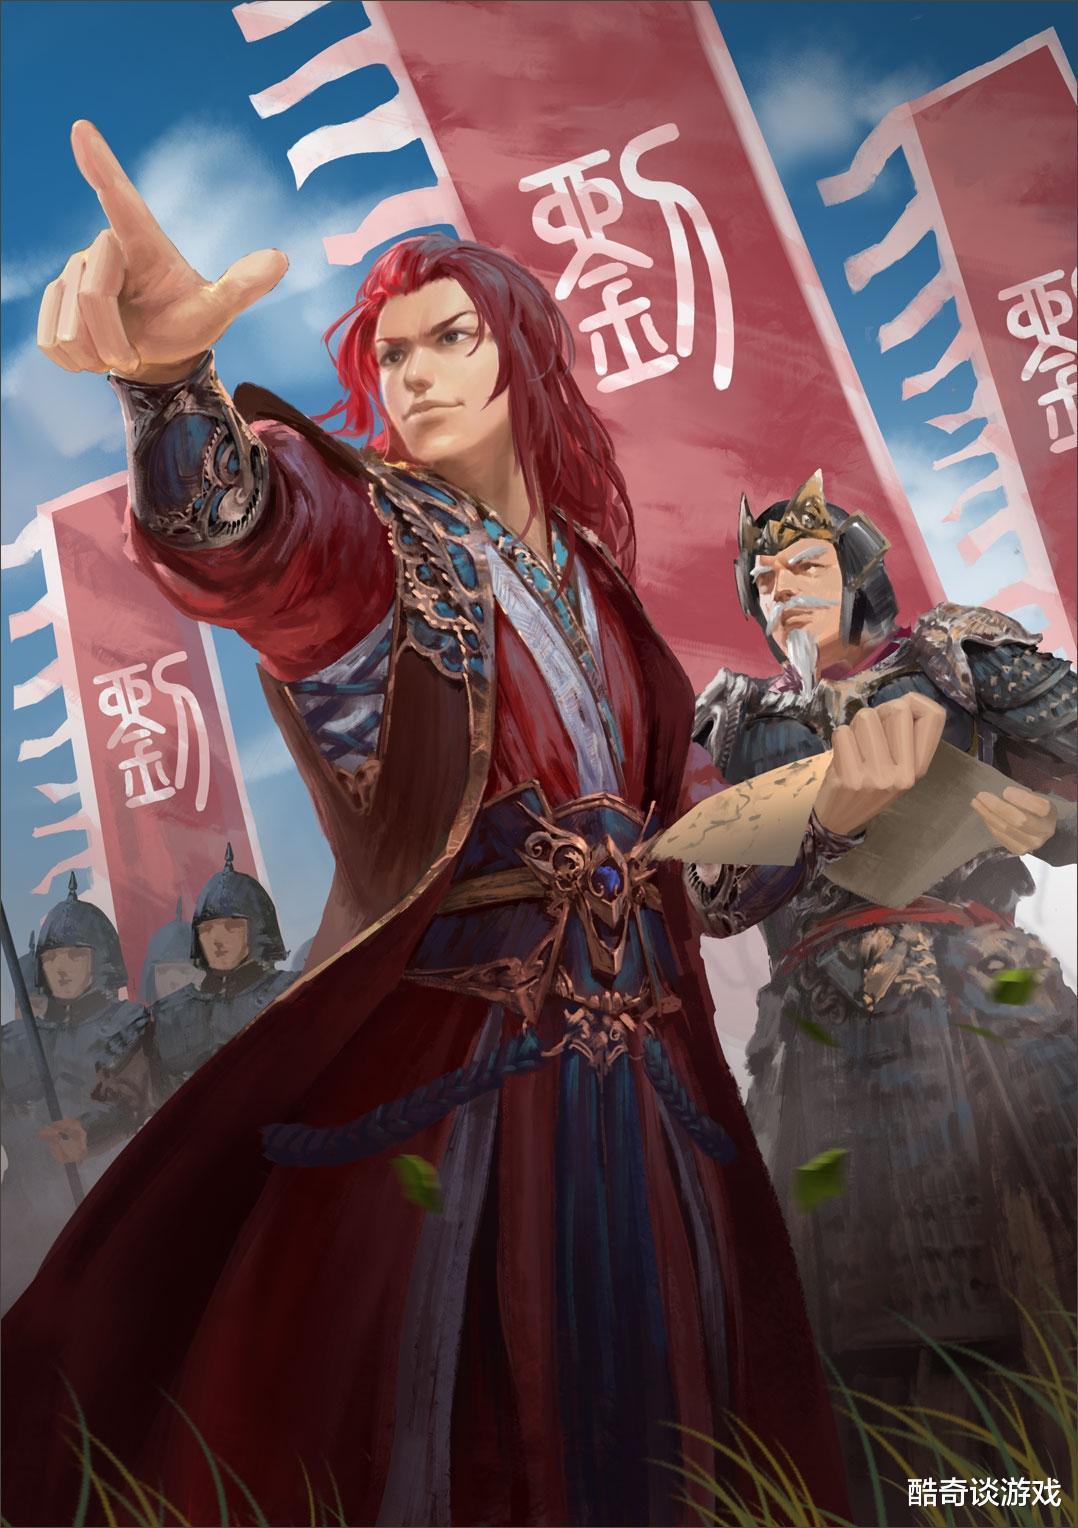 千年3境界_法正加入国战,技能完美适配蜀国武将,珠联璧合引出一段故事